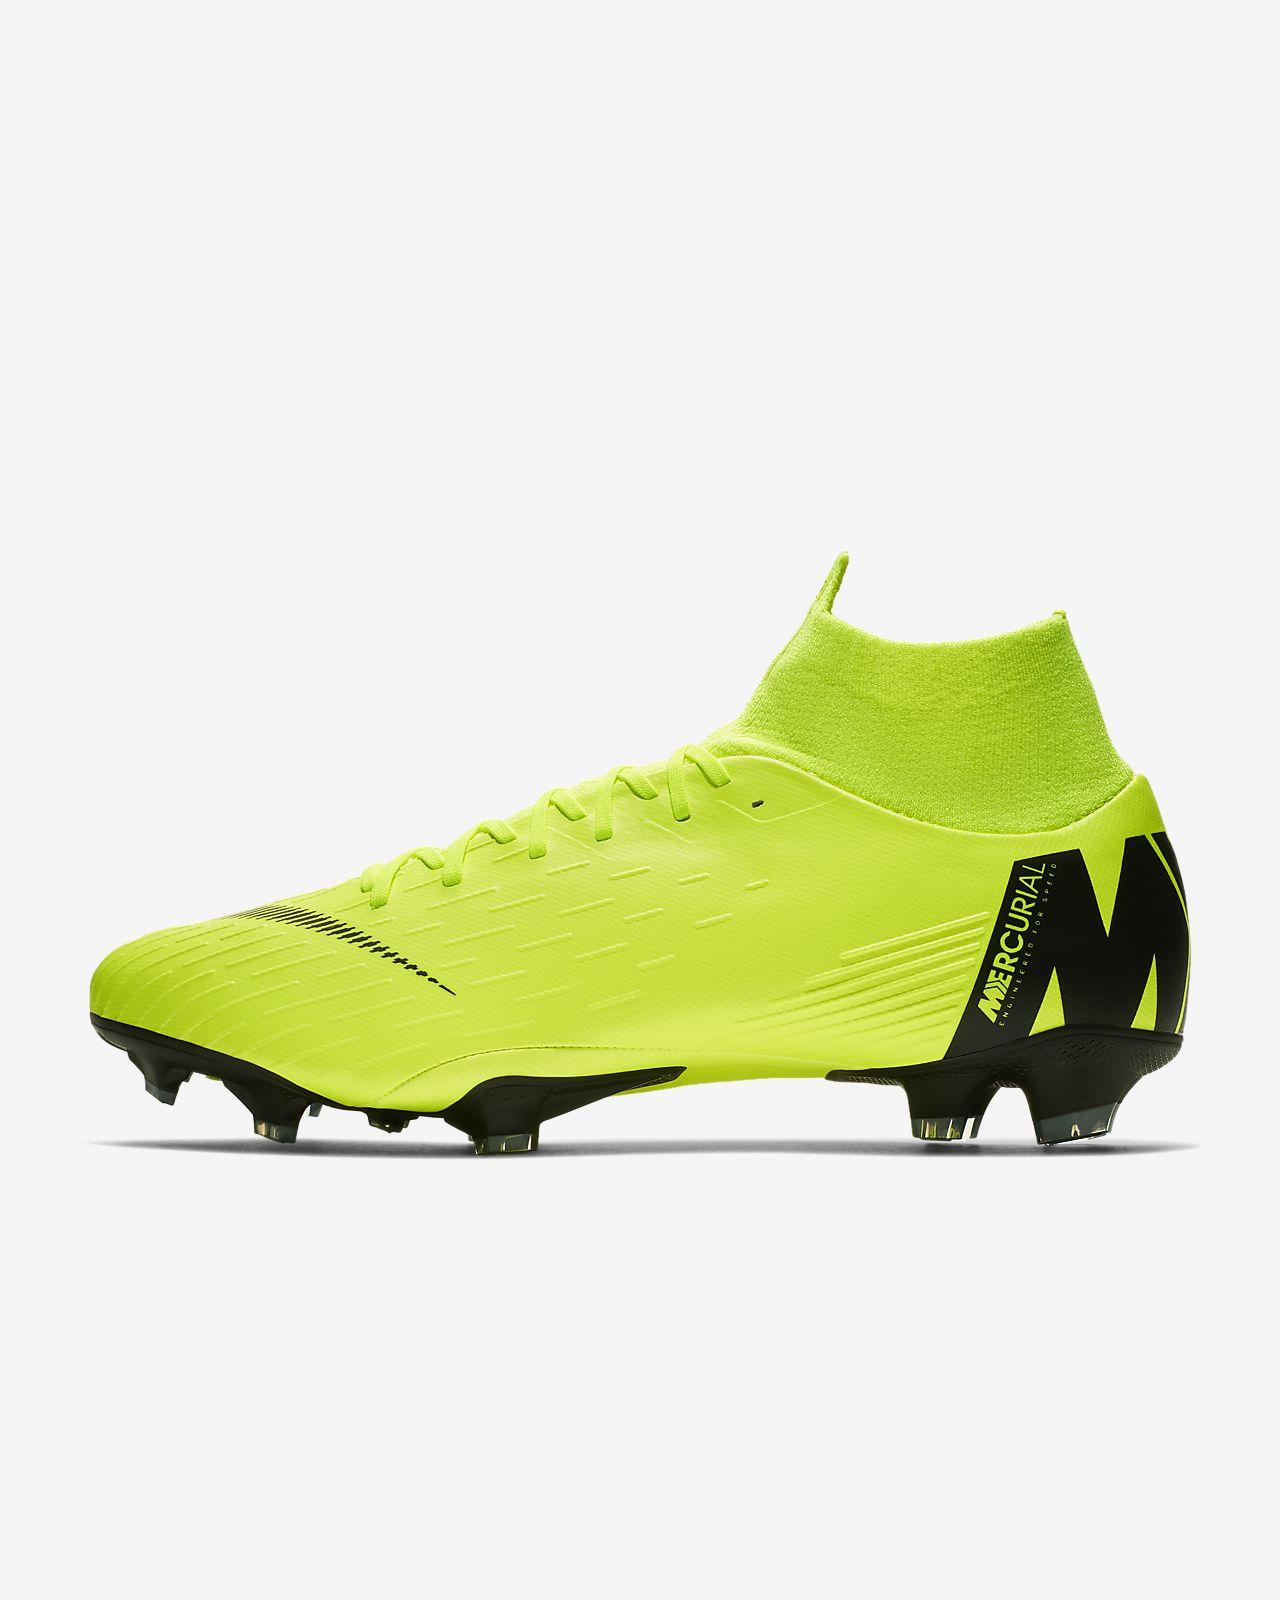 Scarpa da calcio per terreni duri Nike Mercurial Superfly VI Pro